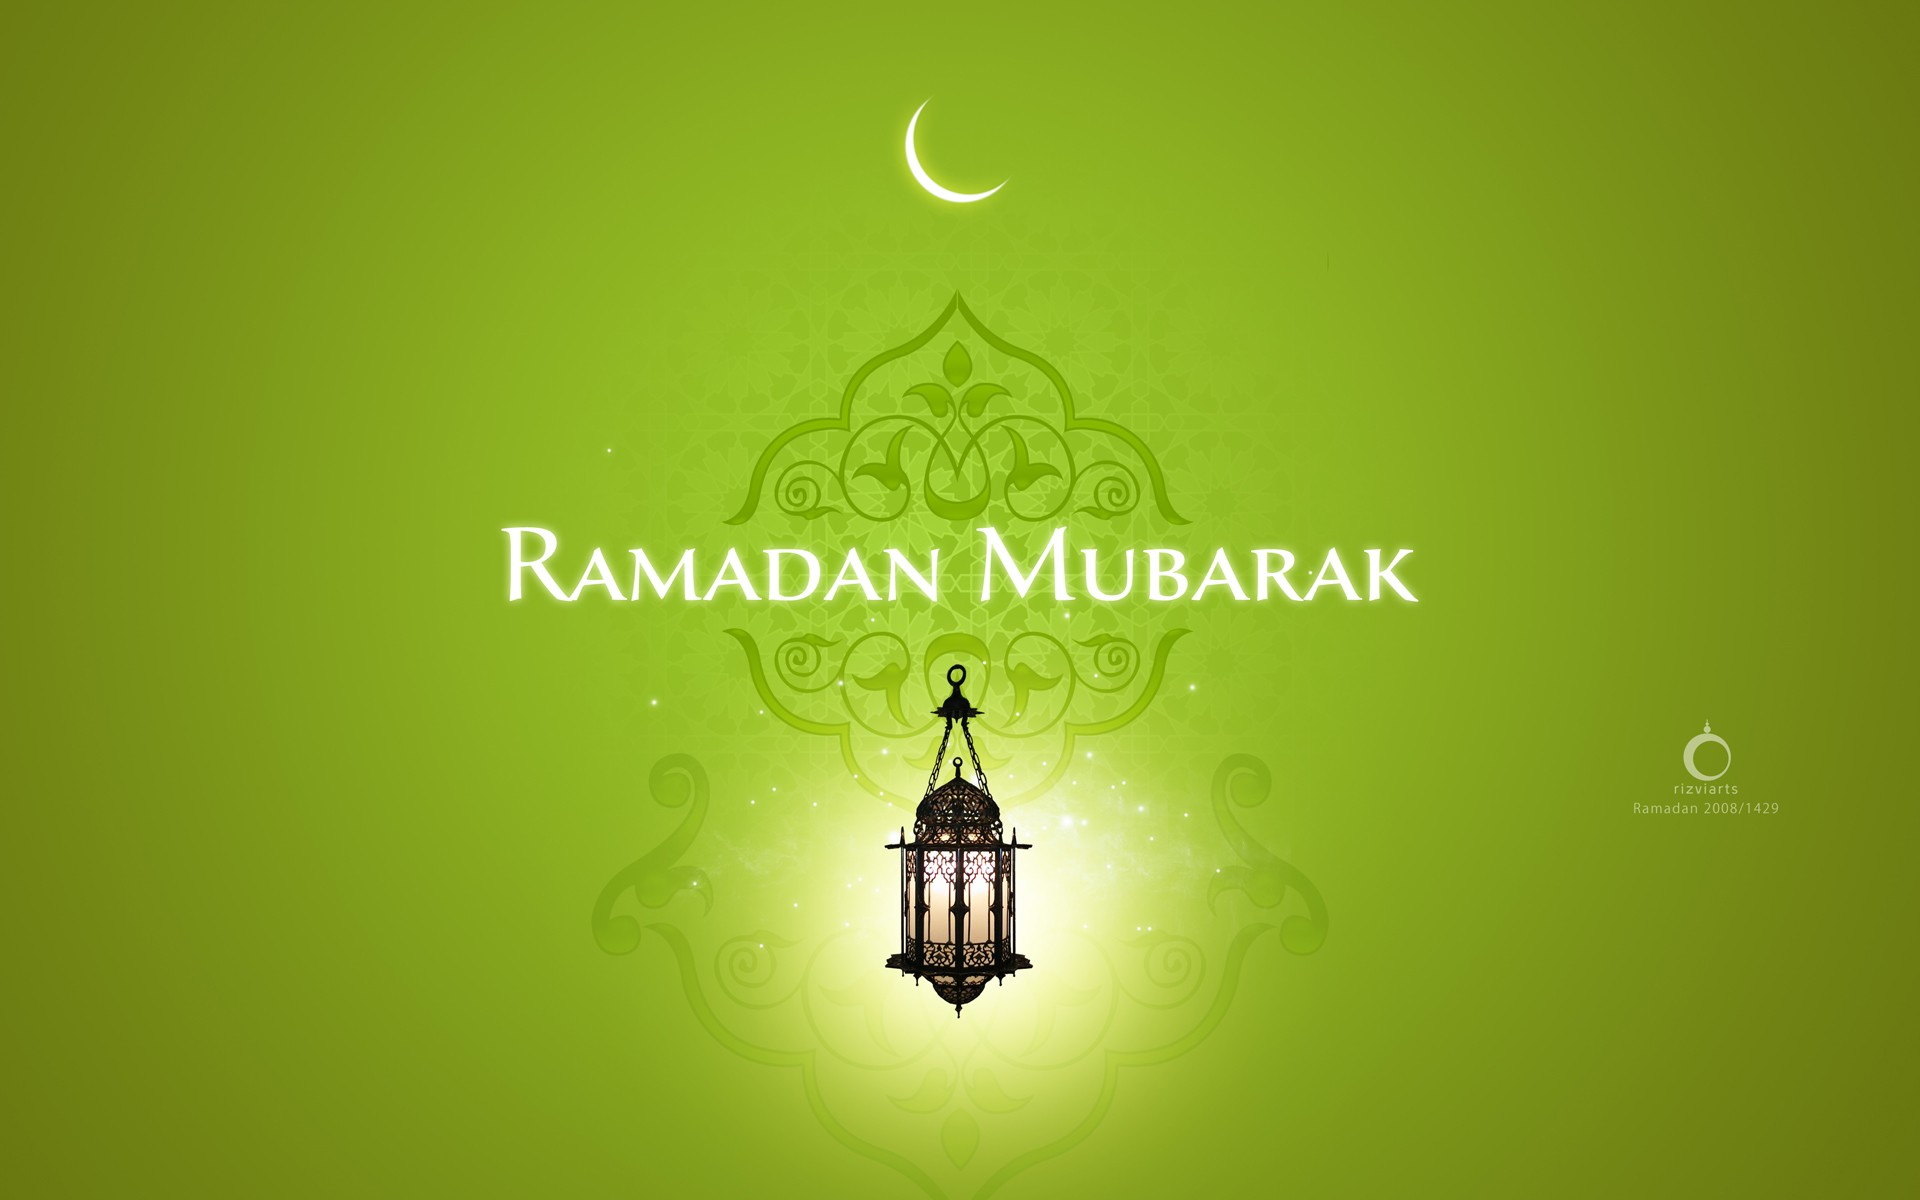 Гифы открытки, картинки рамадана красивые